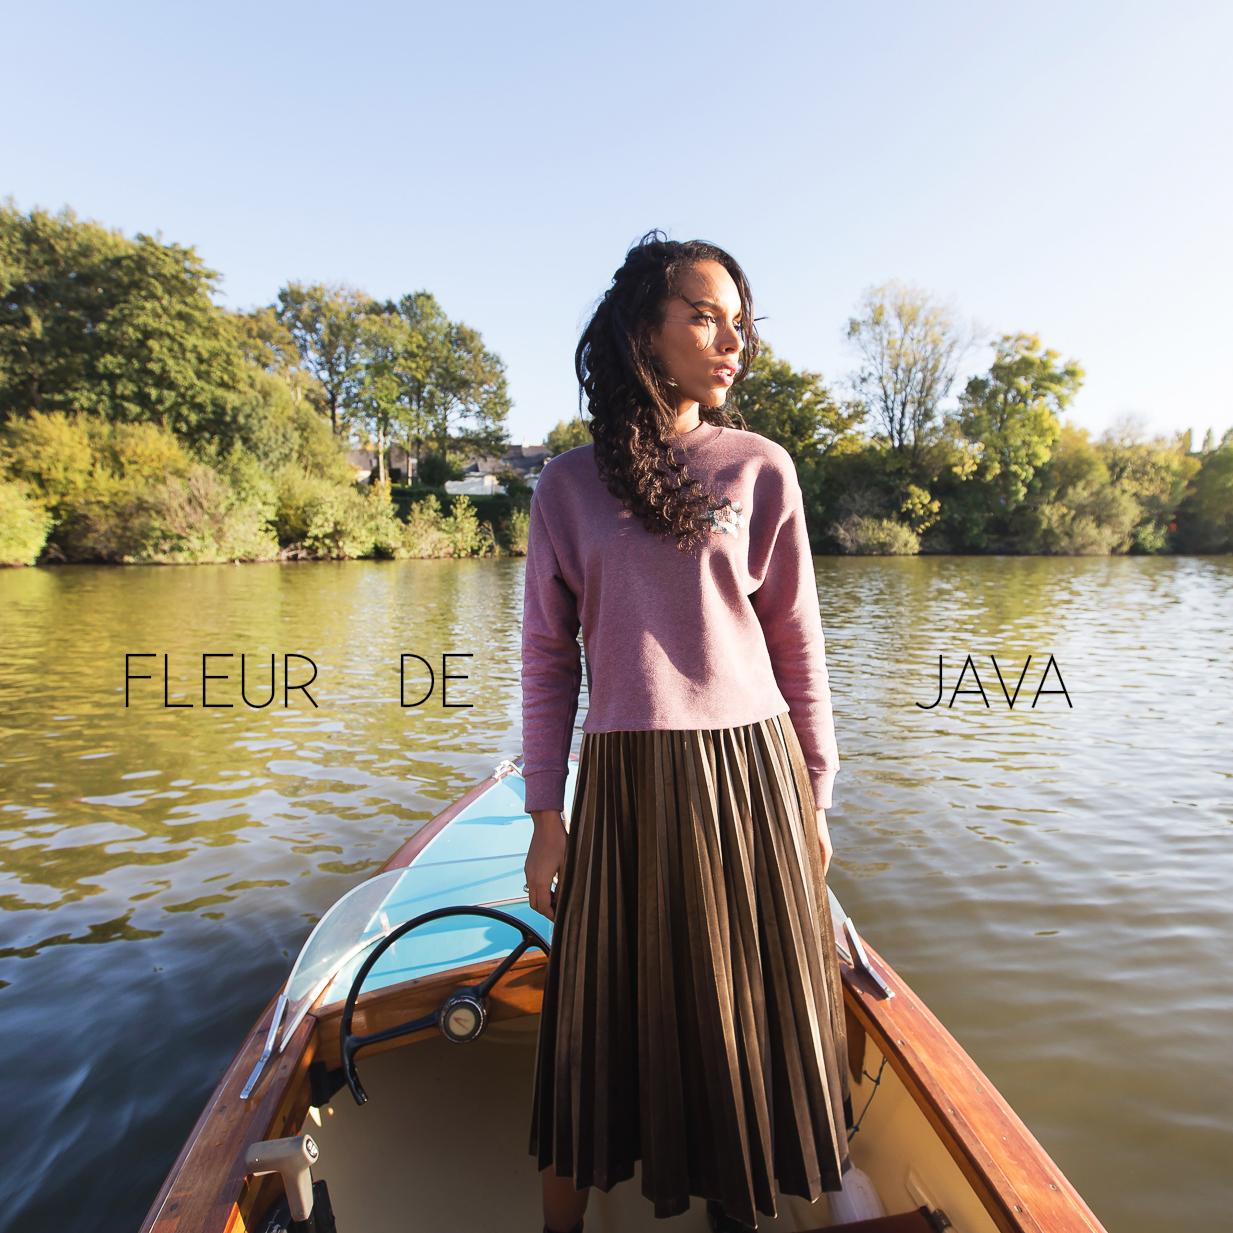 Photographie Mode Femme - Fleur de Java - Nantes